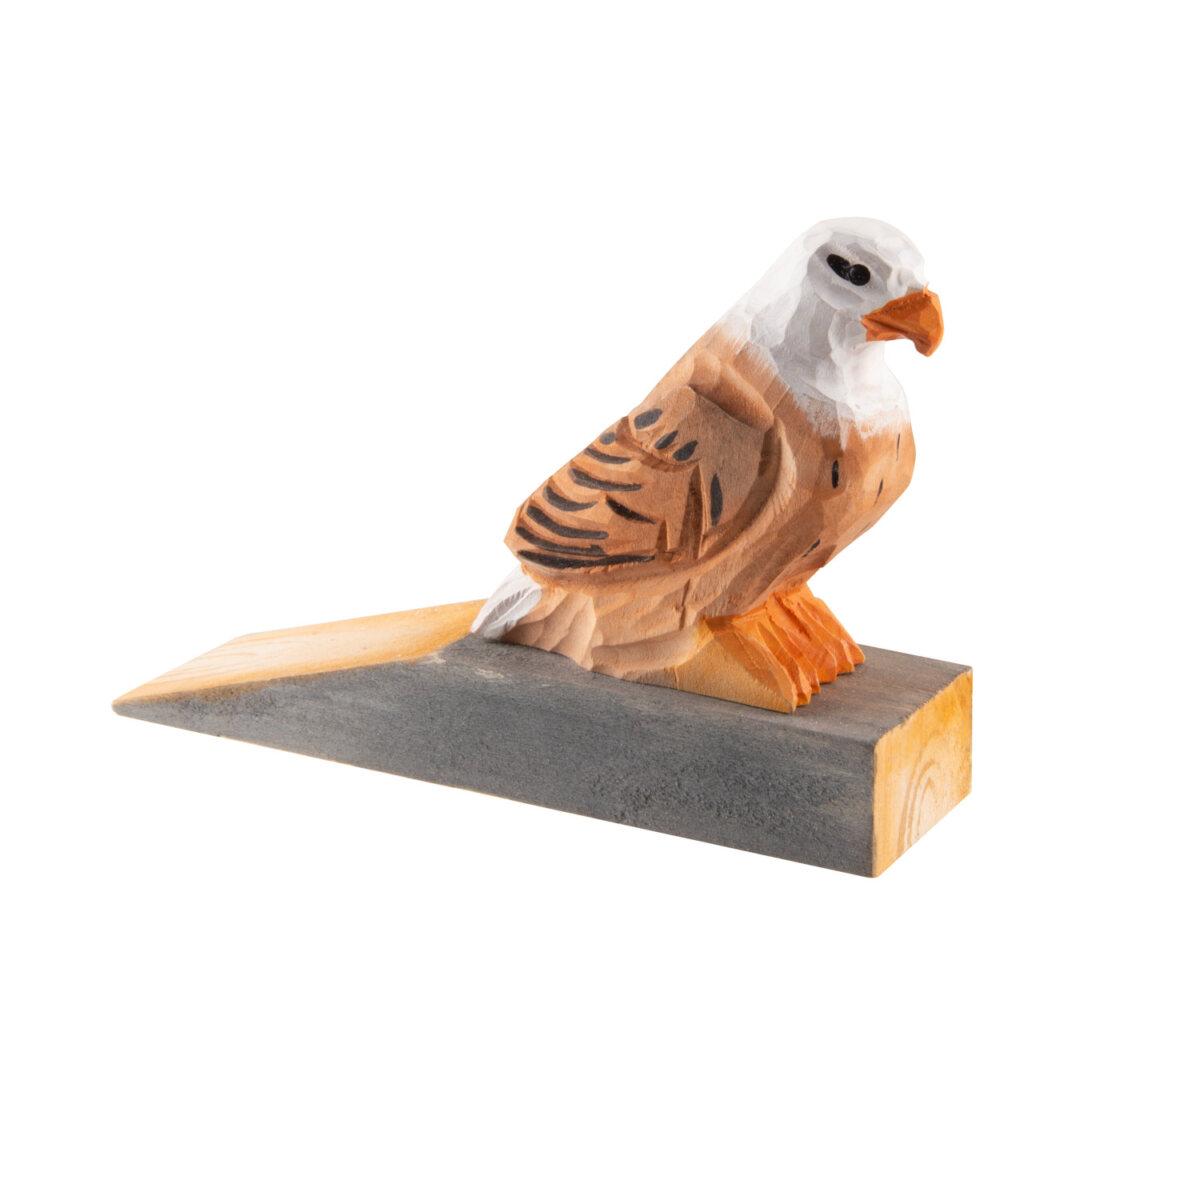 uulki wooden door stop eagle